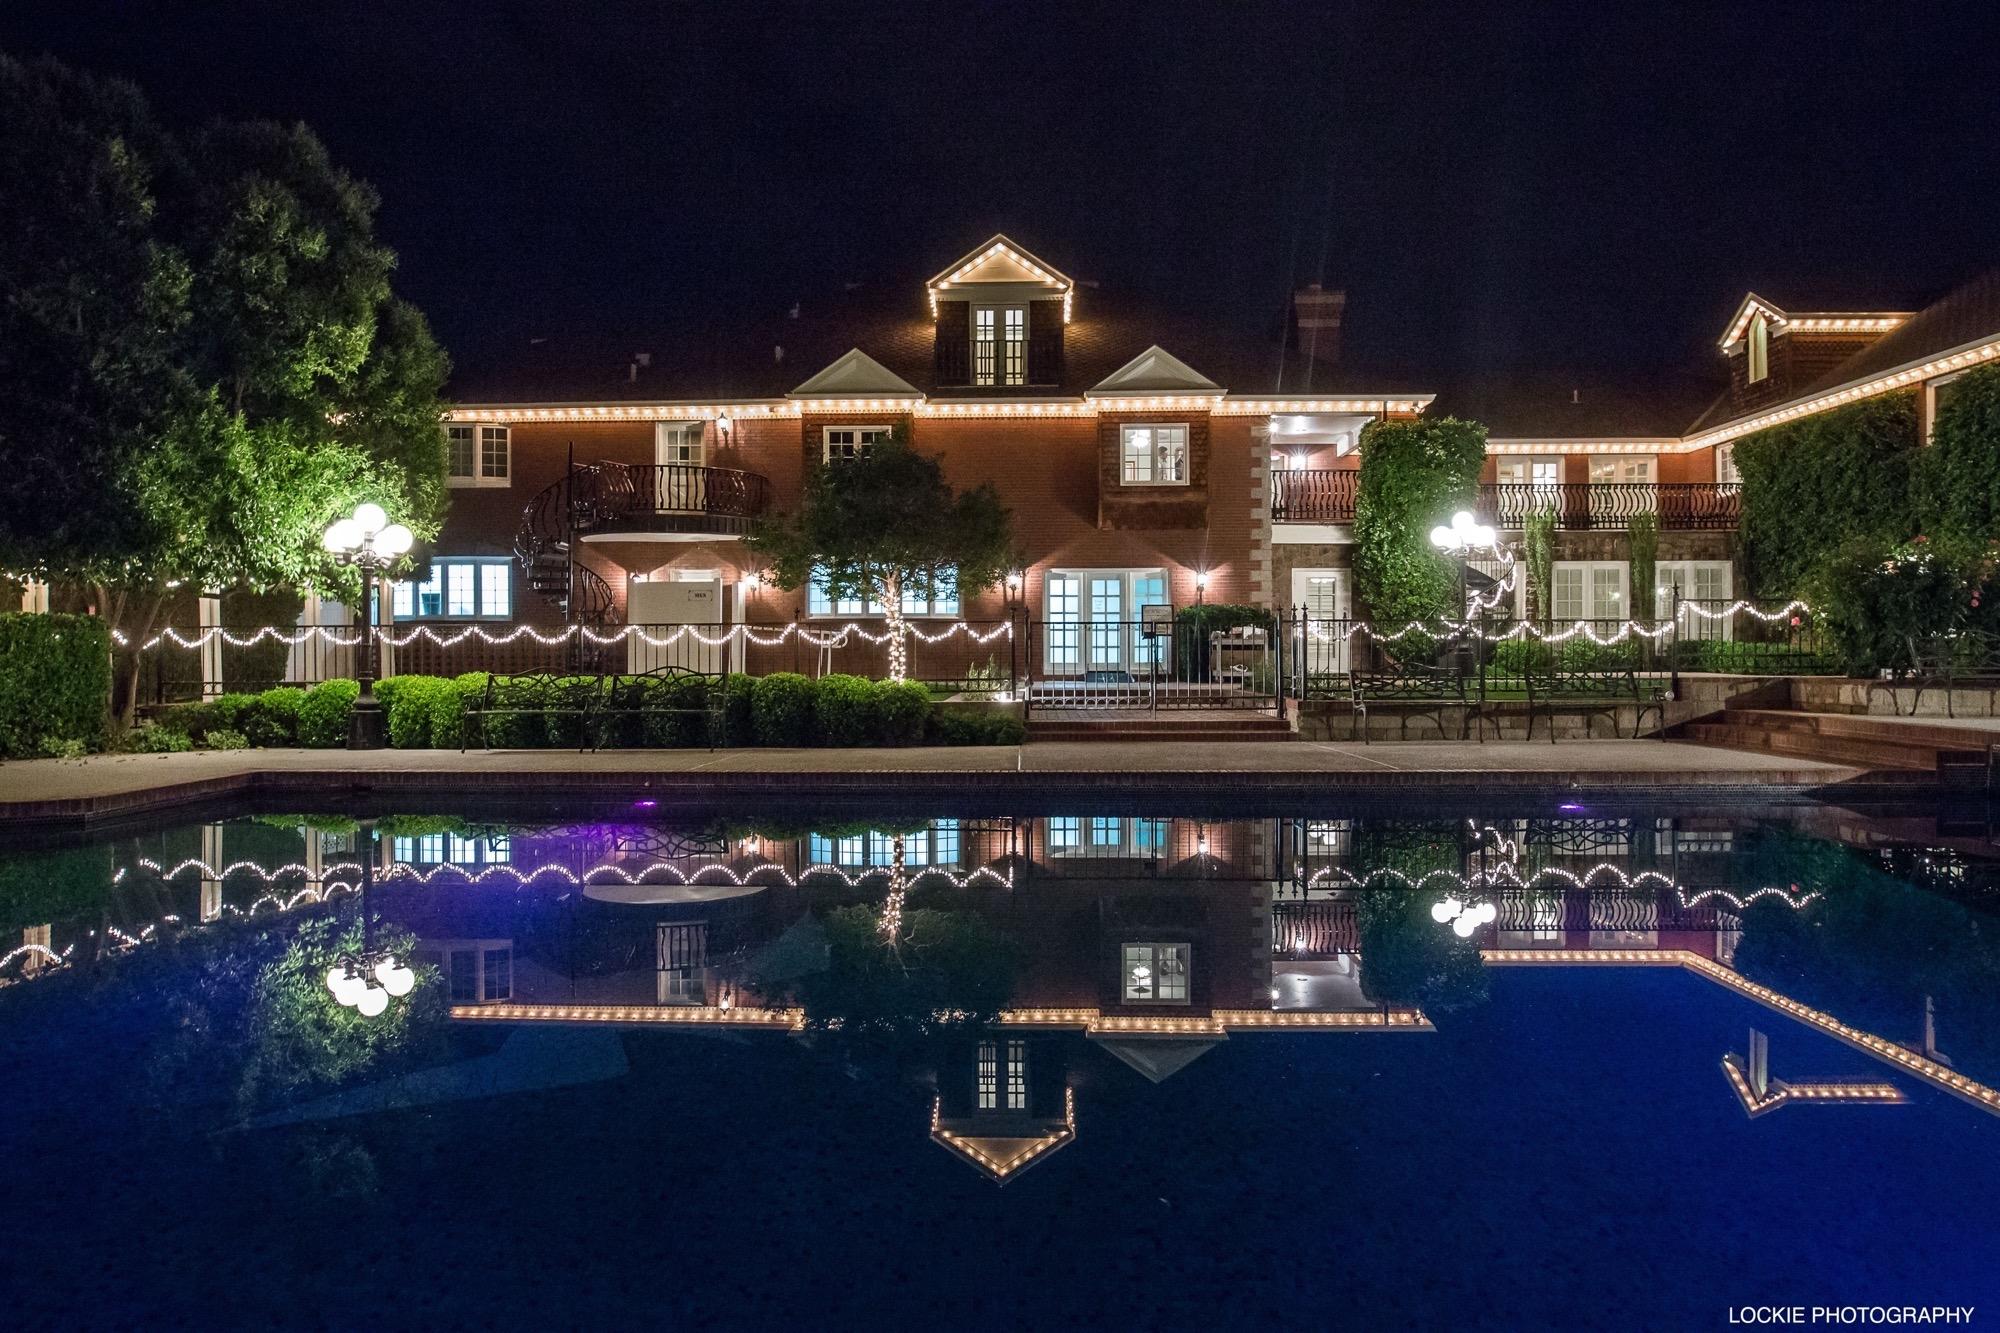 Stonebridge Manor image 5